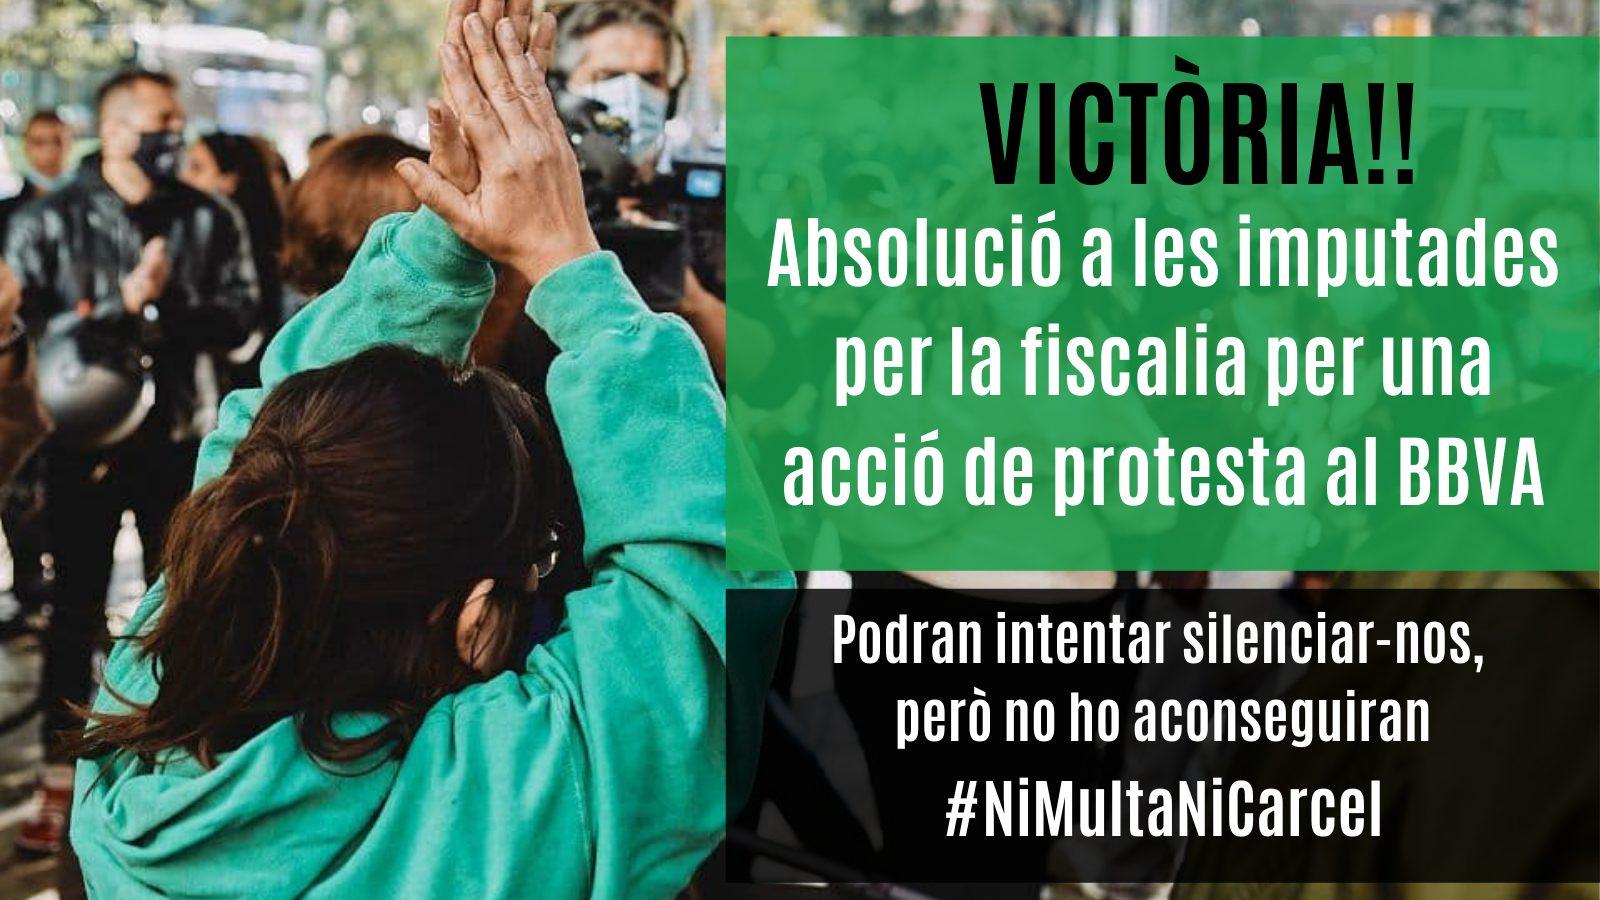 En este momento estás viendo Victoria del movimiento por la vivienda frente a la represión de la fiscalía